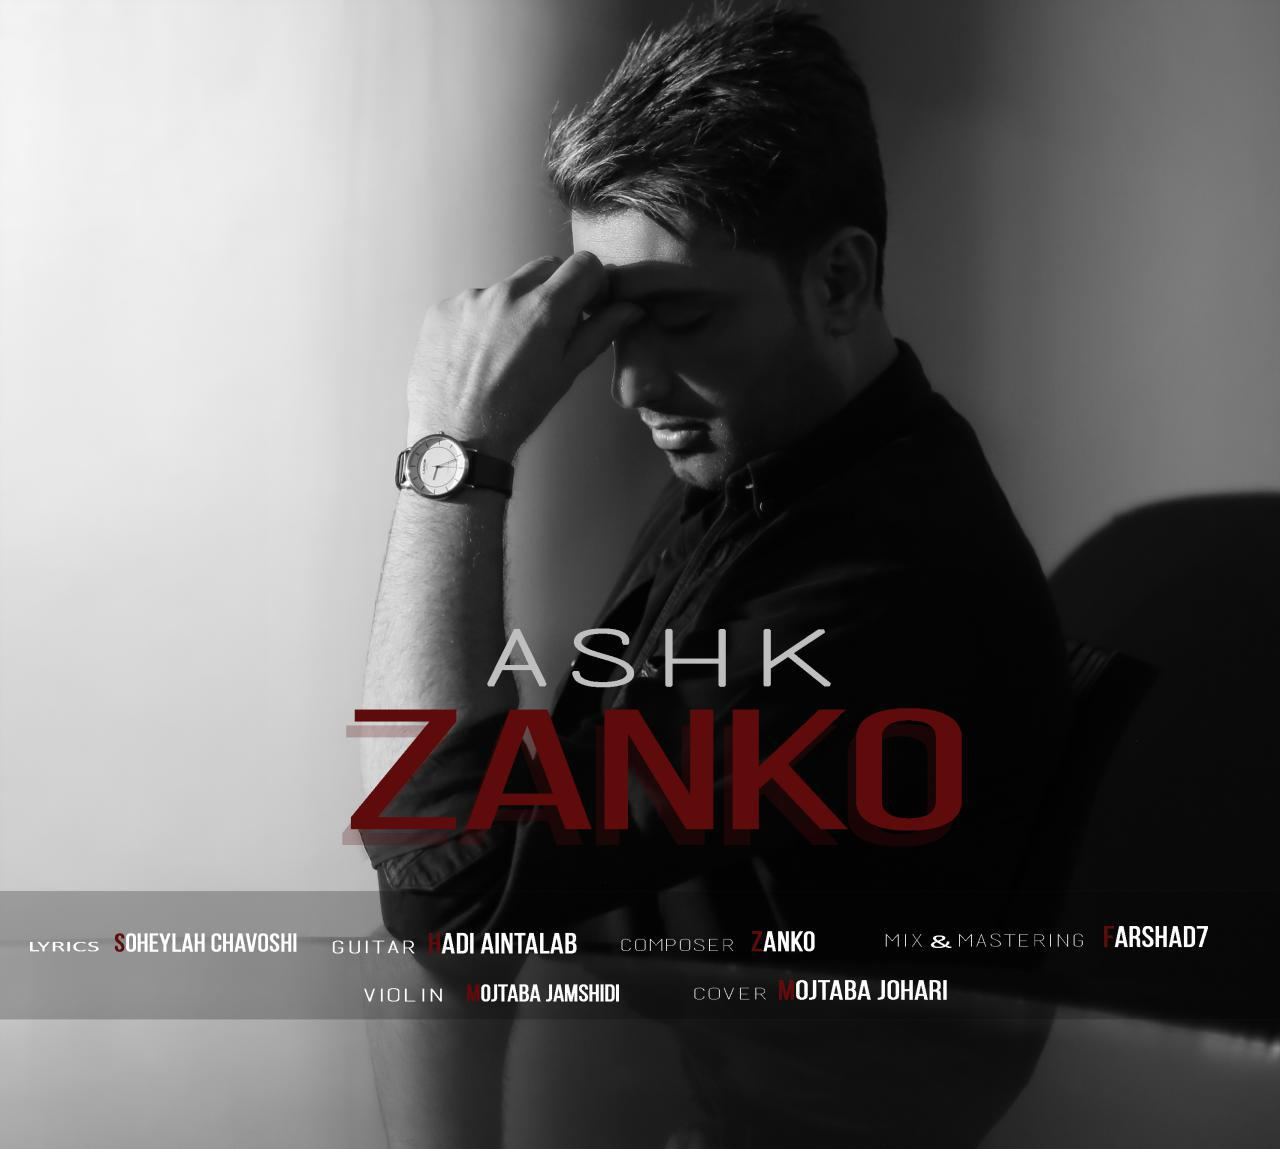 Zanko – Ashk